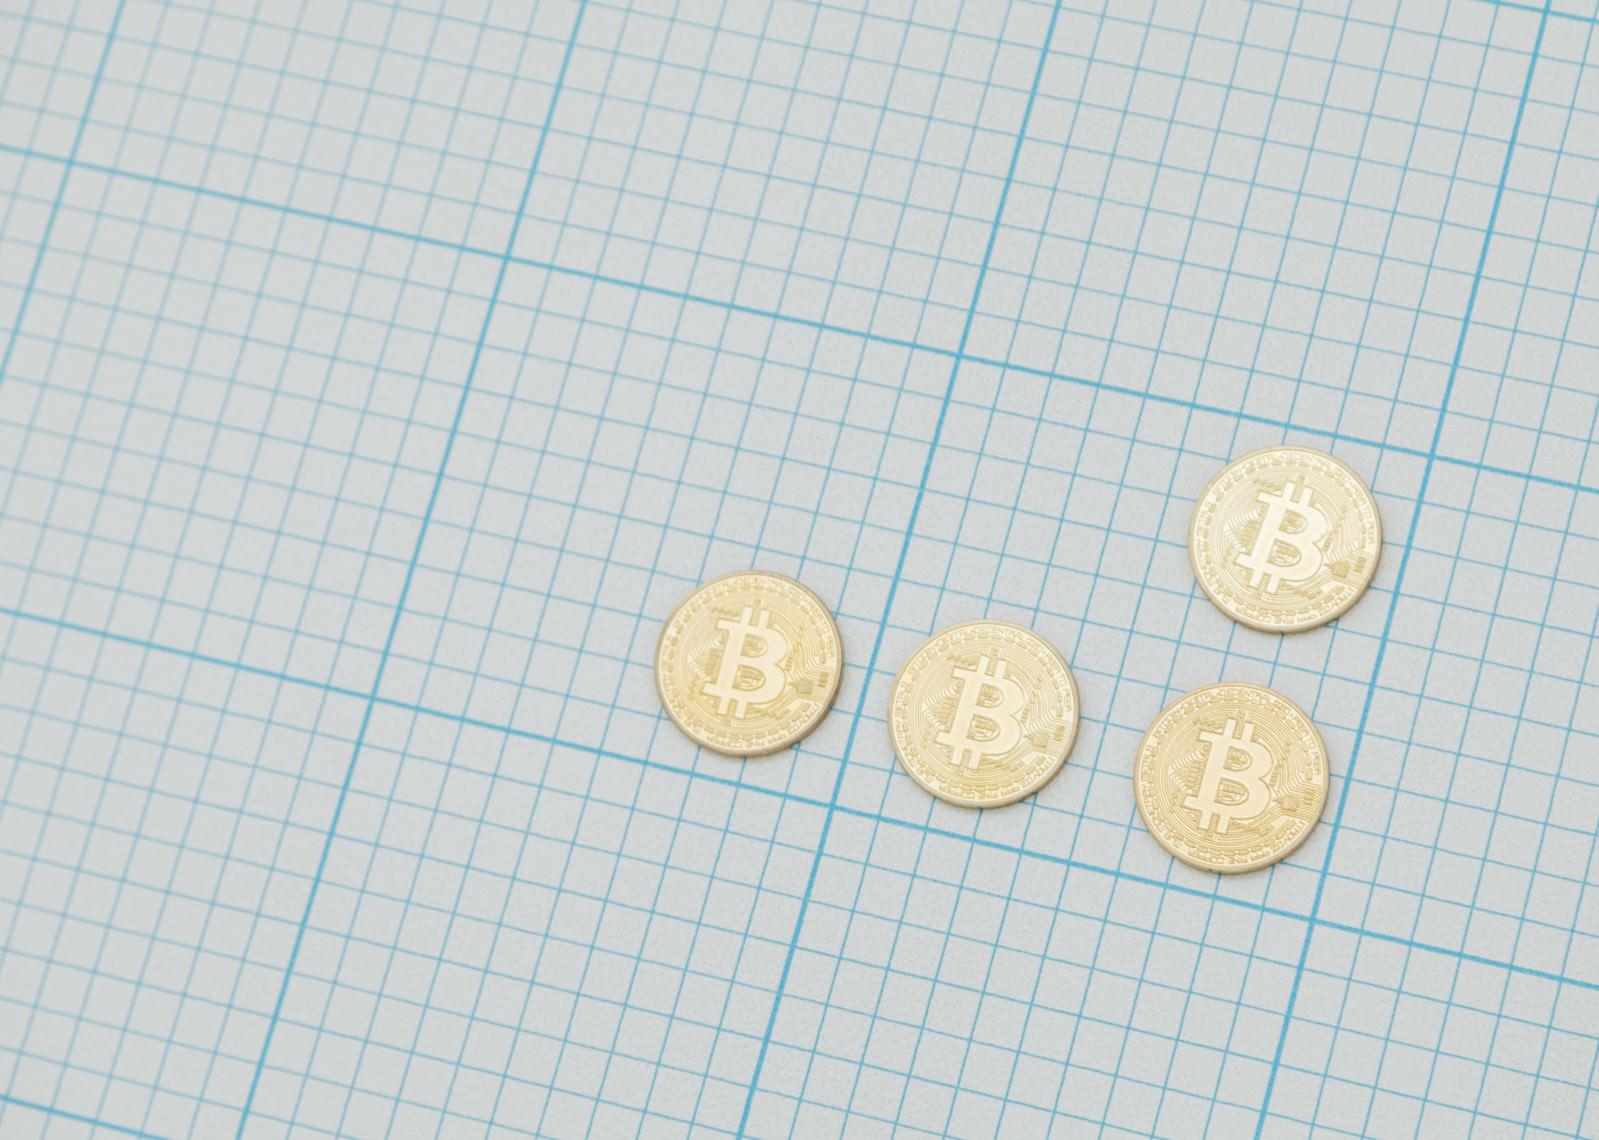 「方眼紙とビットコイン方眼紙とビットコイン」のフリー写真素材を拡大